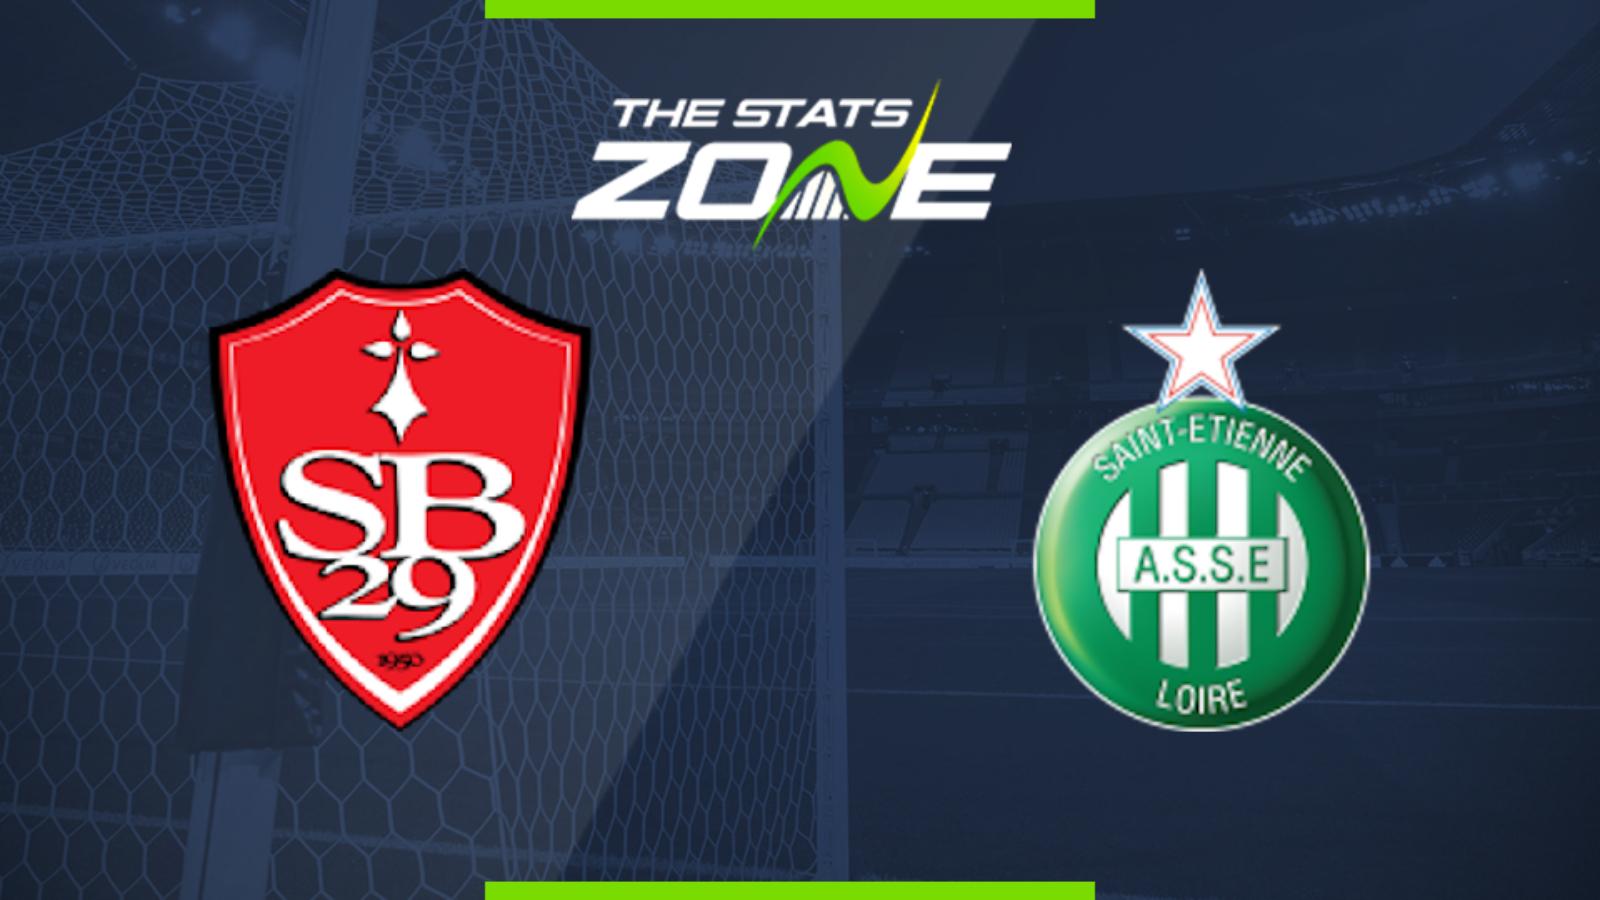 Ligue Brest Vs Saint Etienne Preview Prediction The Stats Zone